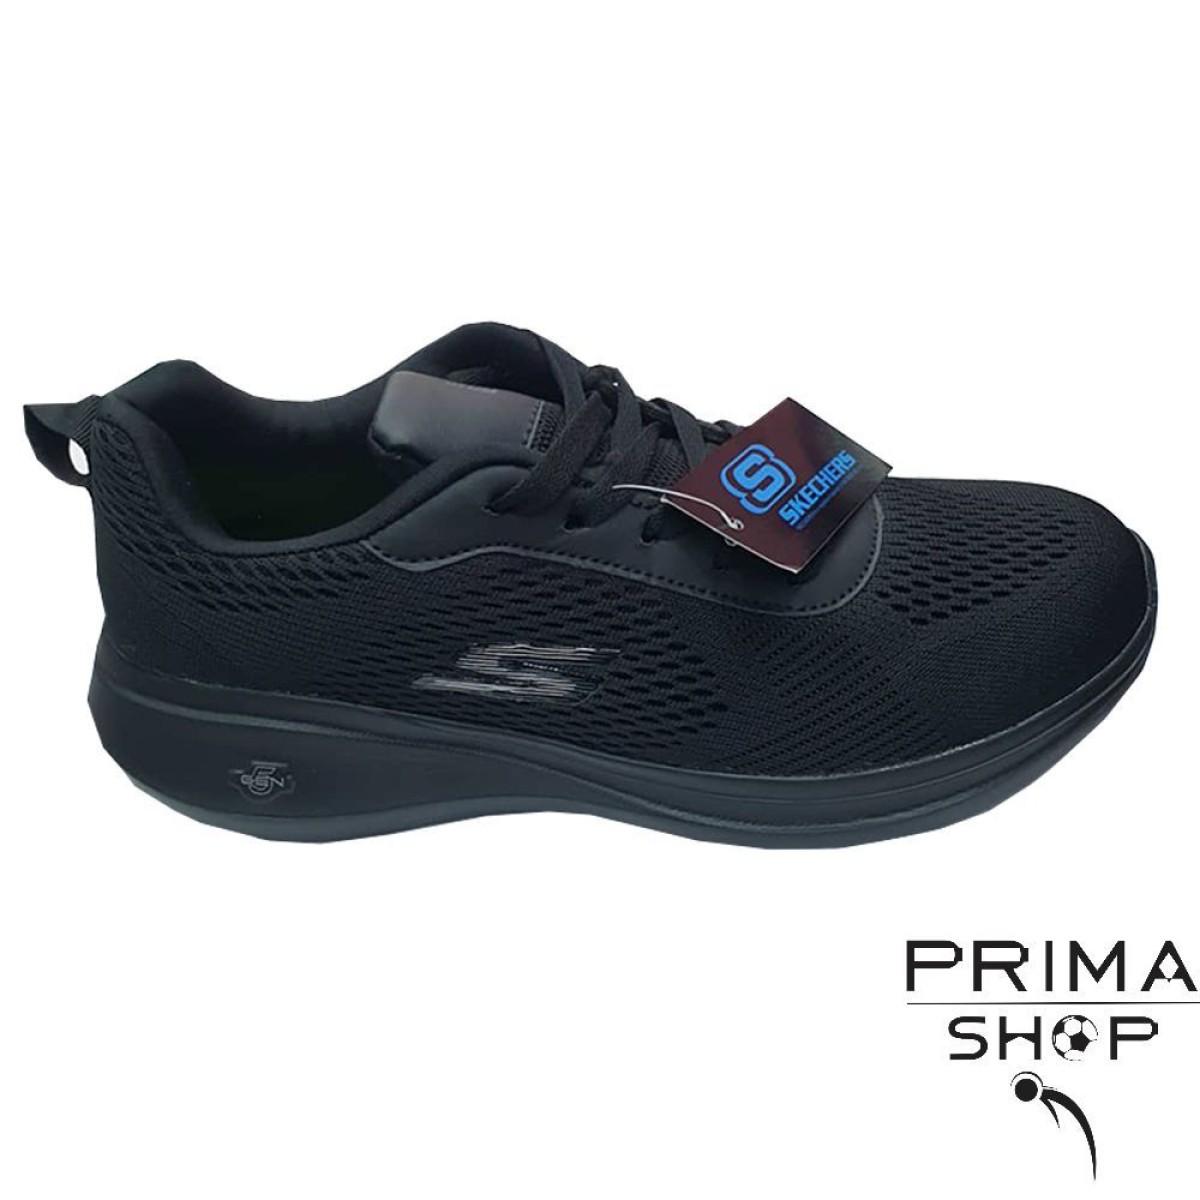 کفش اسکیچرز  مردانه کد 01 (های کپی)